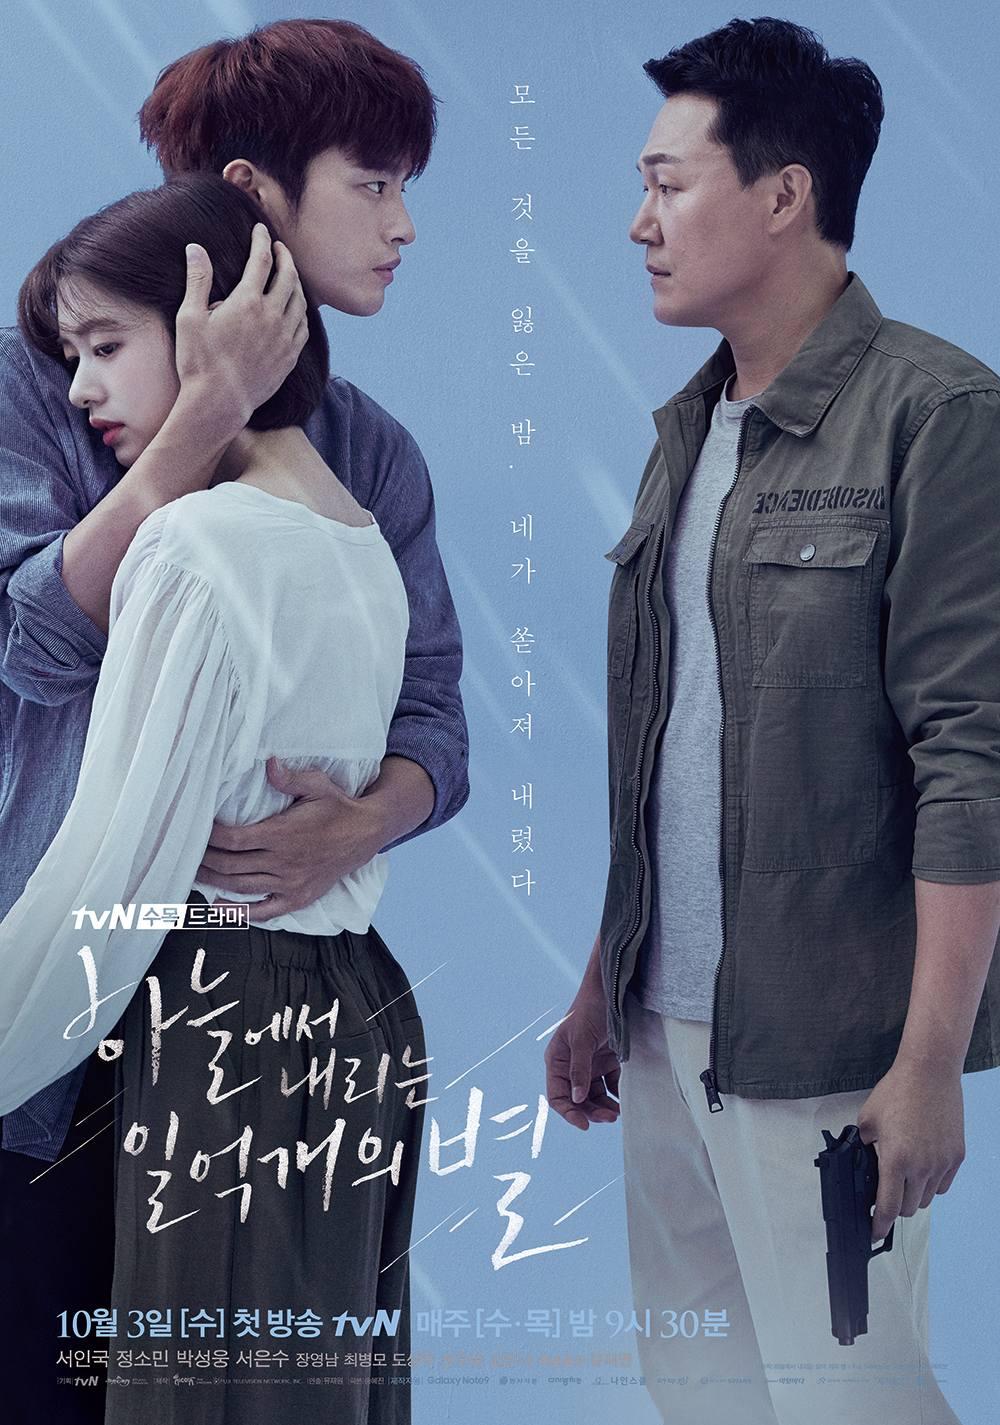 十月真的是各種新劇上檔,其中小編要跟大家介紹的是這部由日劇翻拍的tvN水木連續劇。